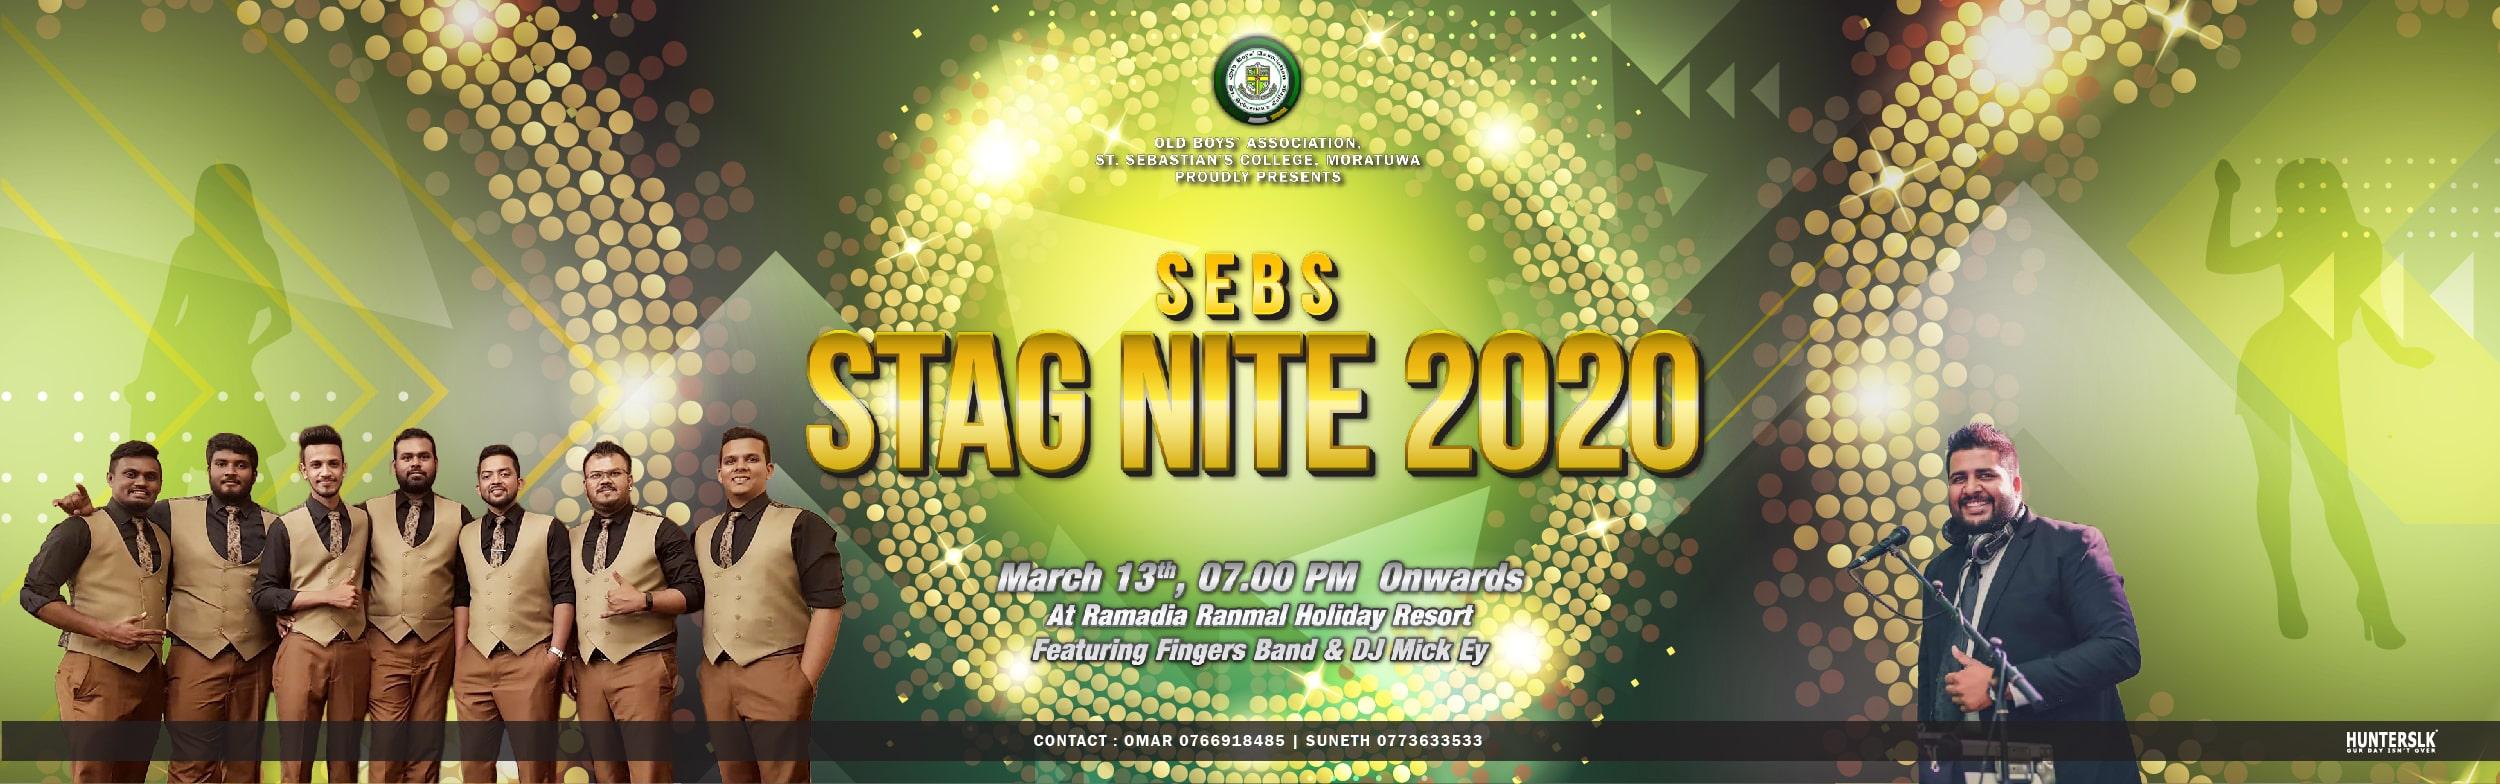 SEBS StagNite 2020